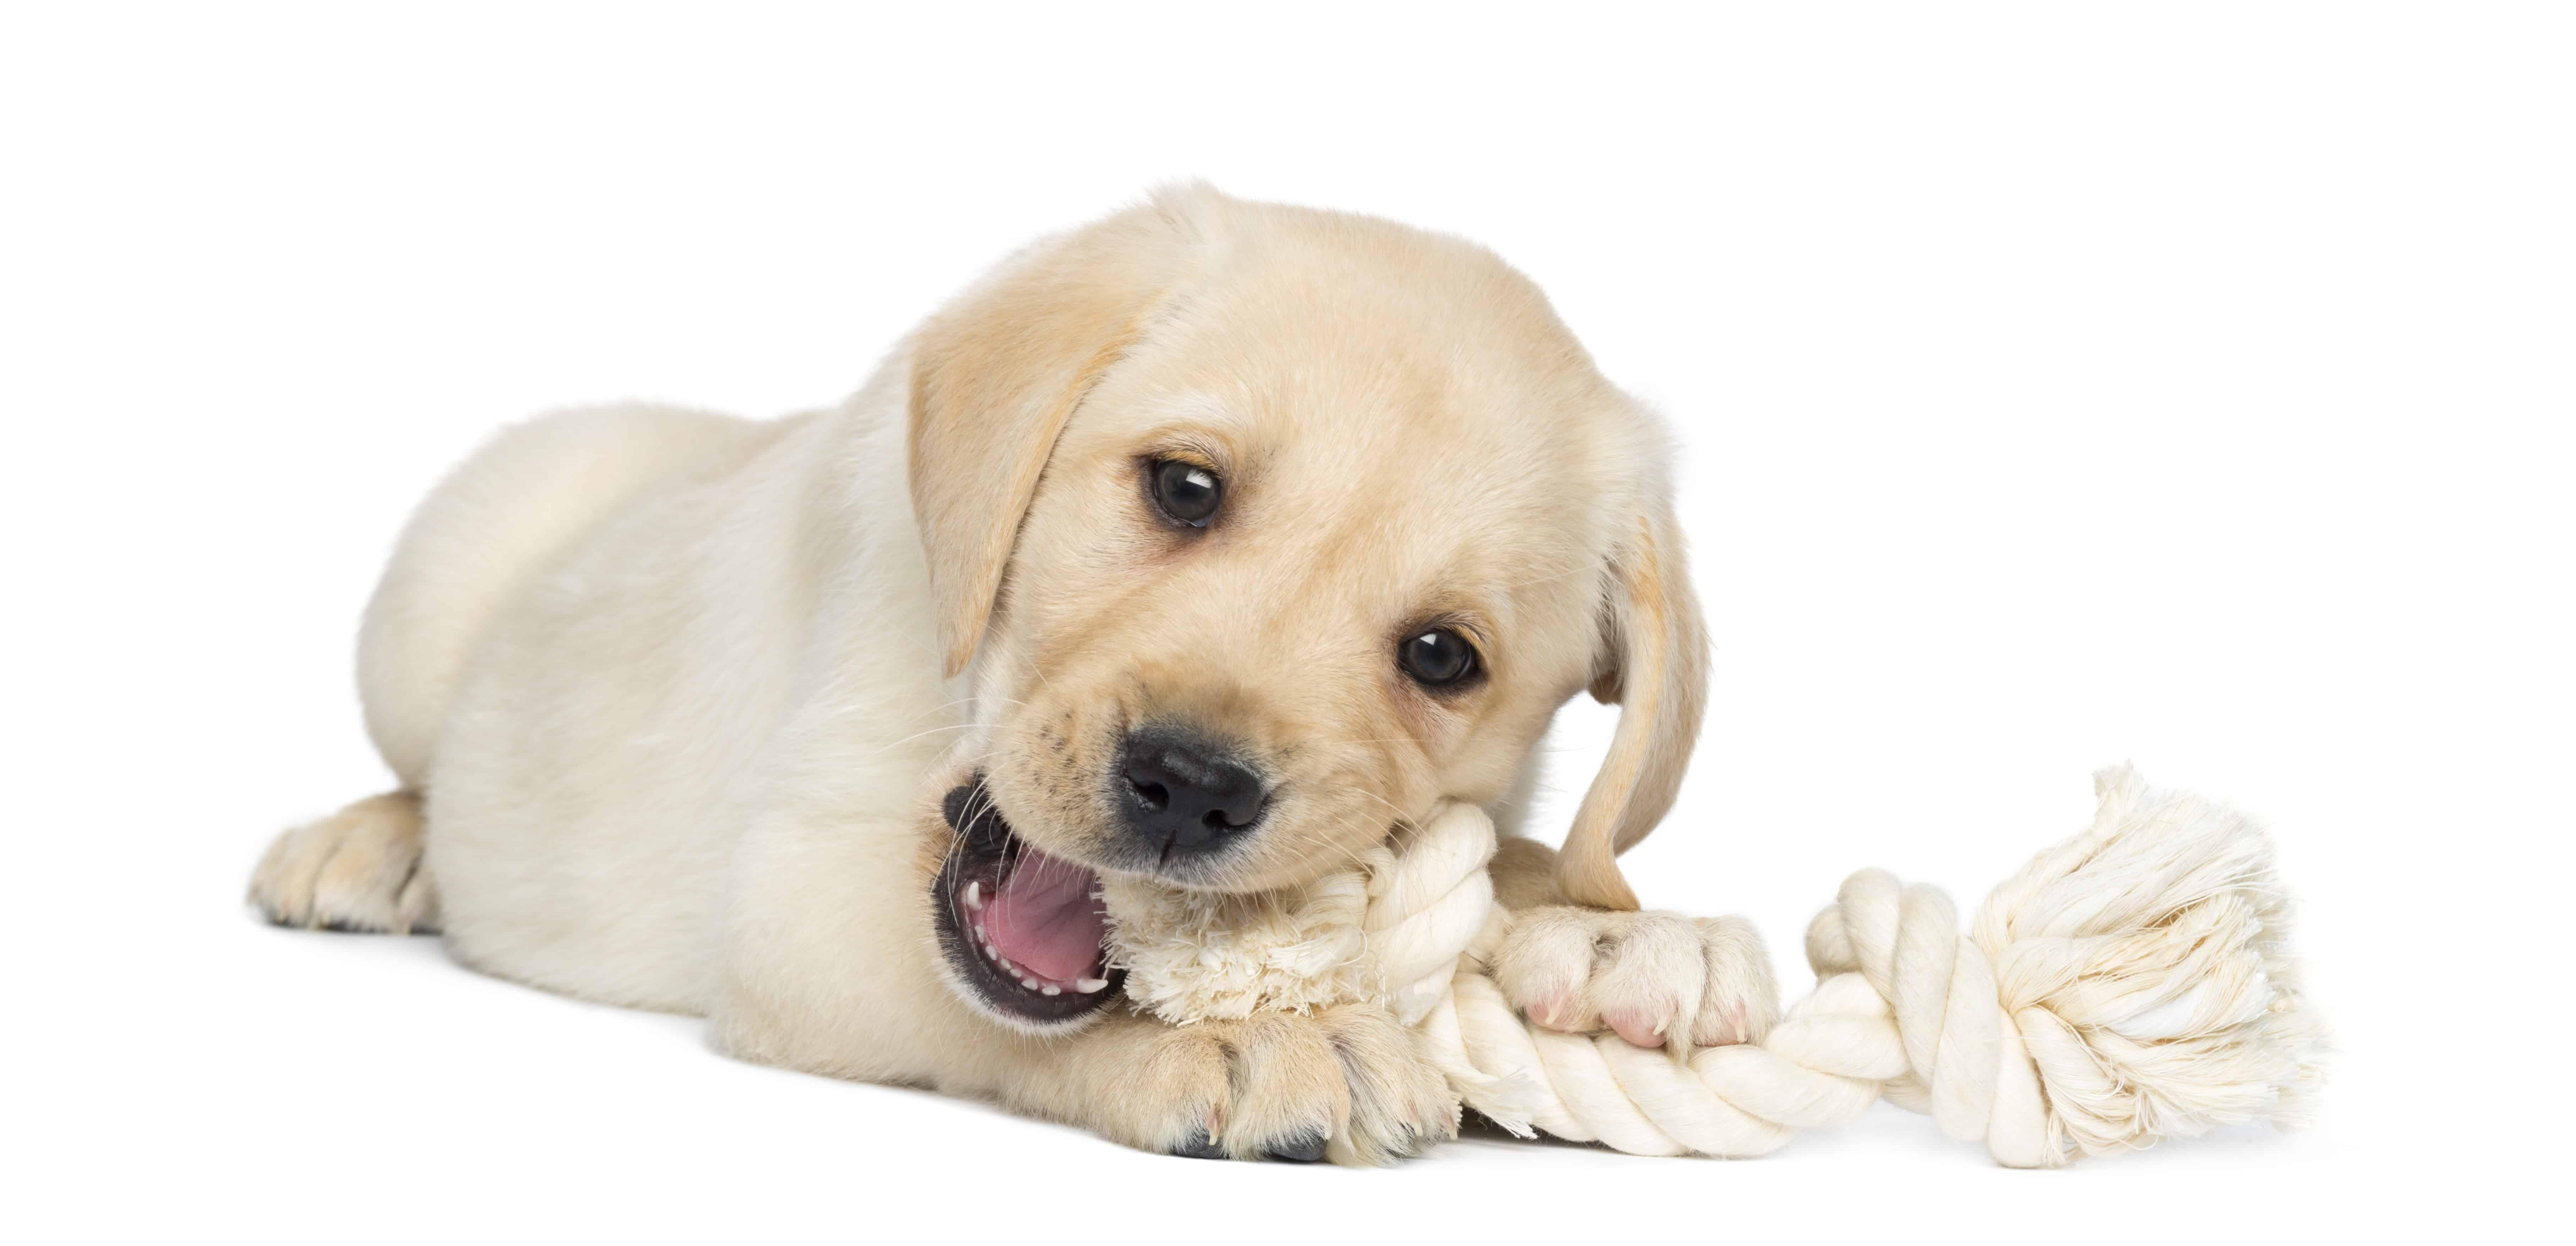 Dog chewing on dog toy, dog toys